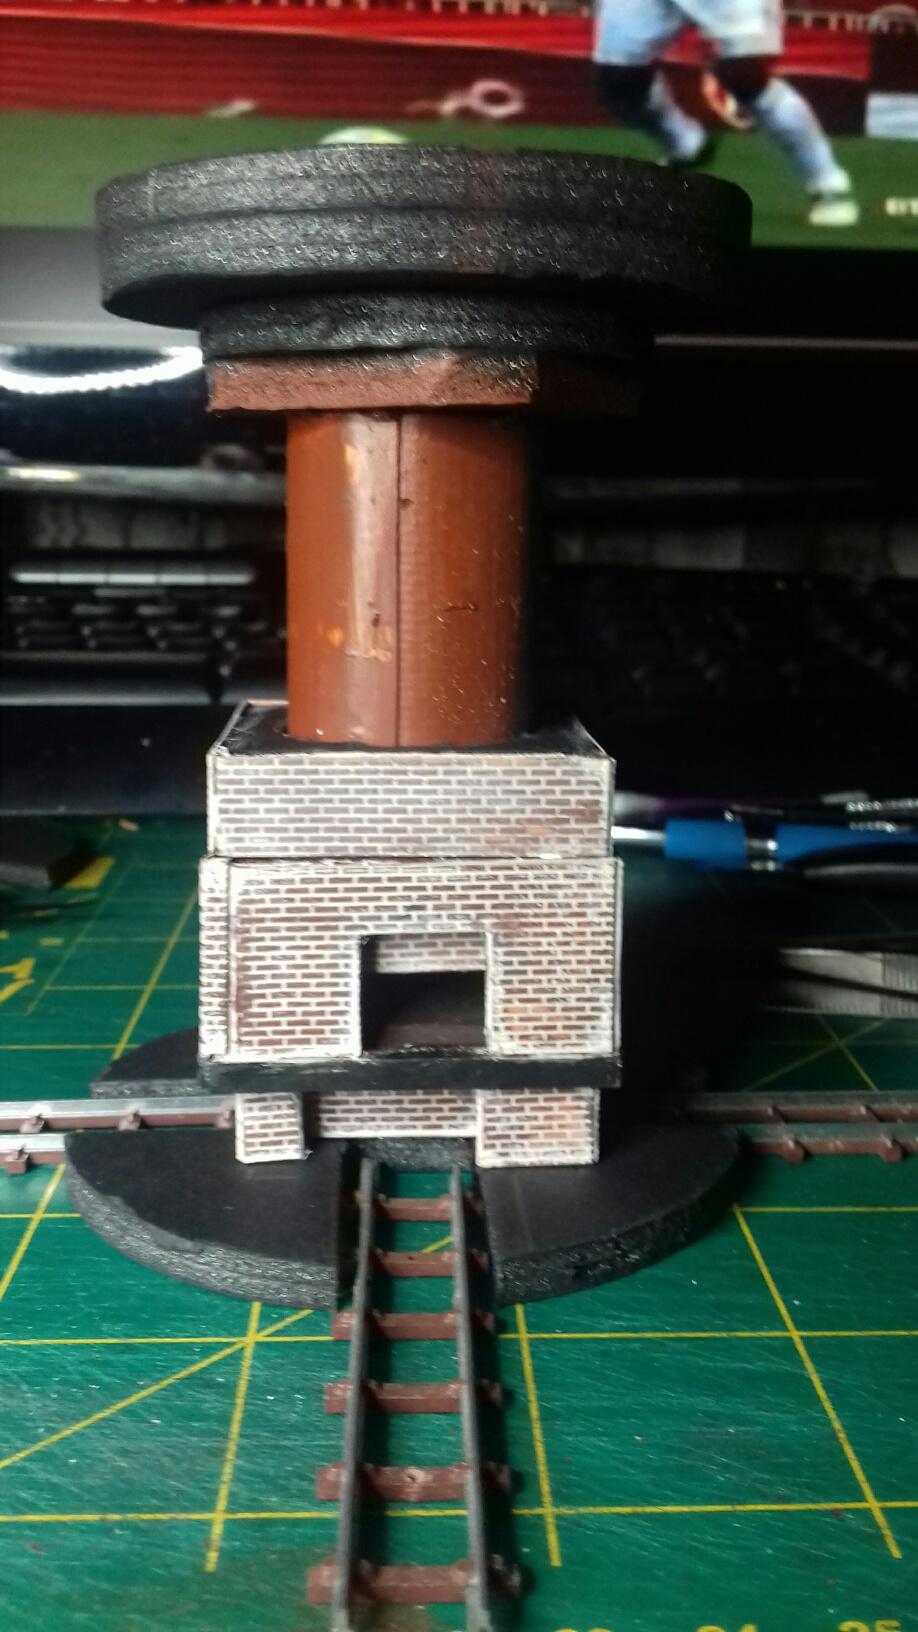 le foyer en brique avec la cheminée et la base de la plate-forme servant à réceptionner les wagonnets pour le déversoir dans la gueule du four.